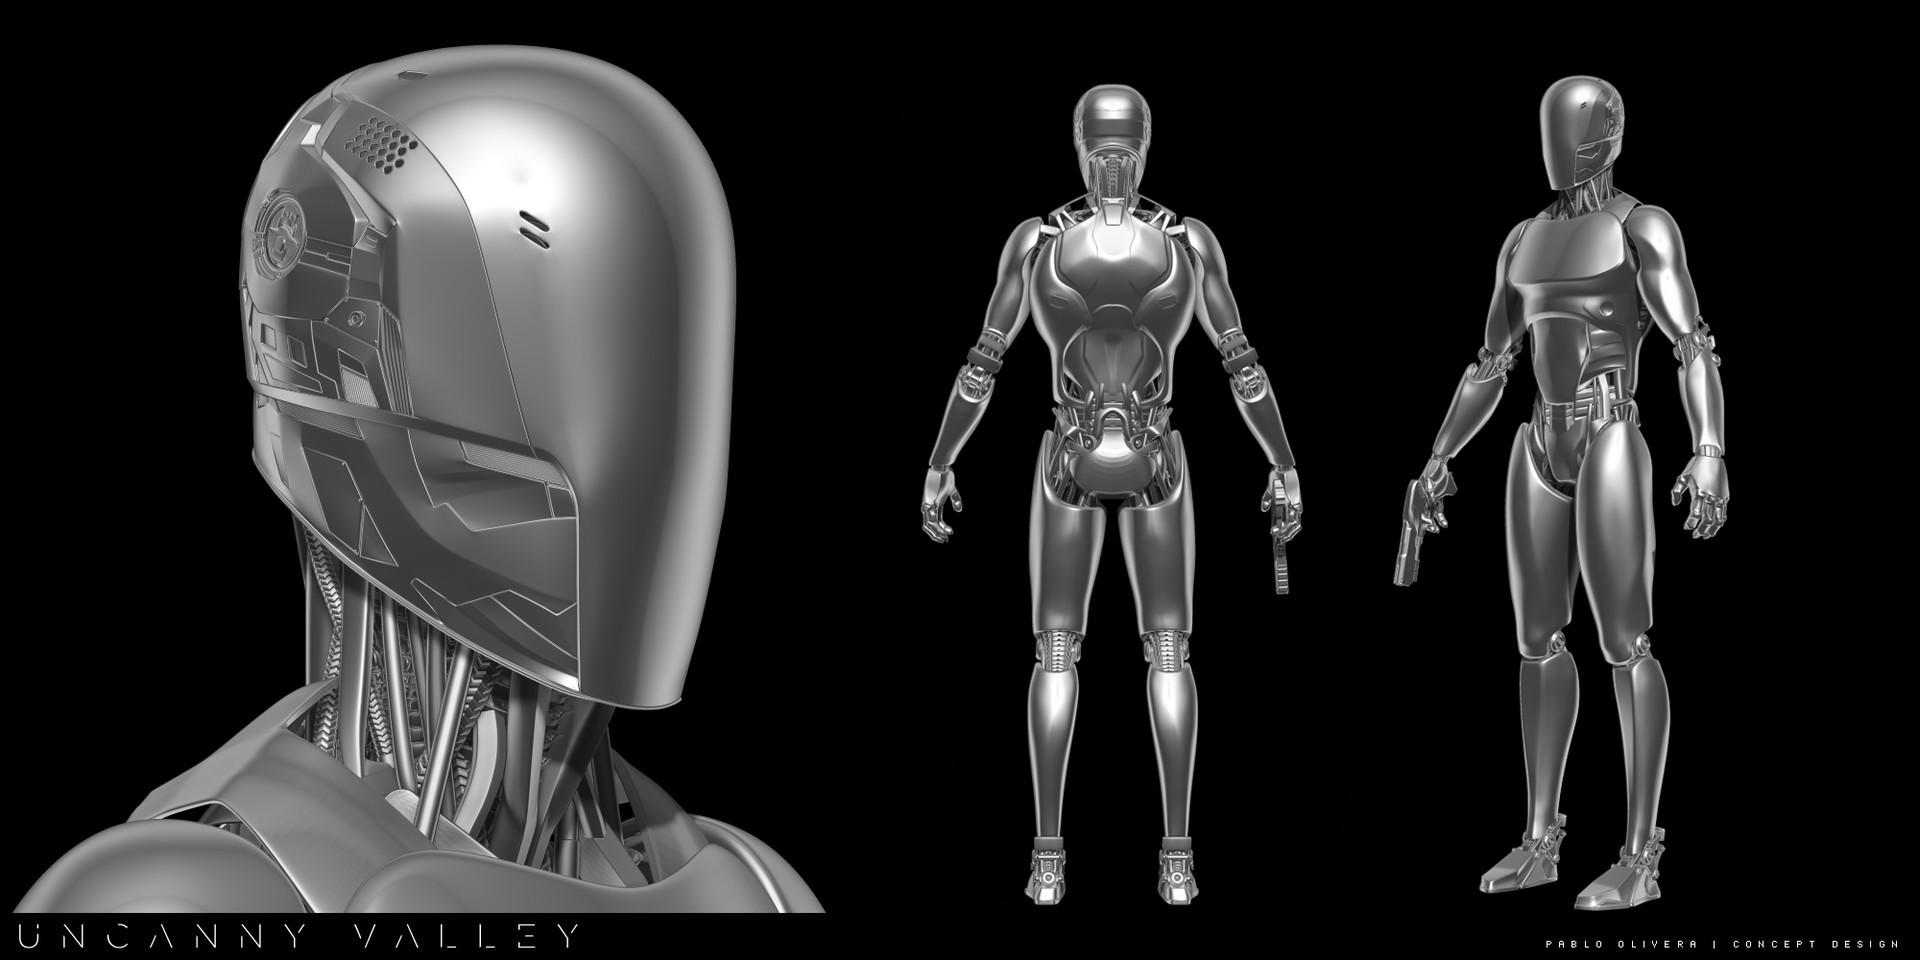 Pablo olivera pablo olivera uncanny valley character design robot detalle2